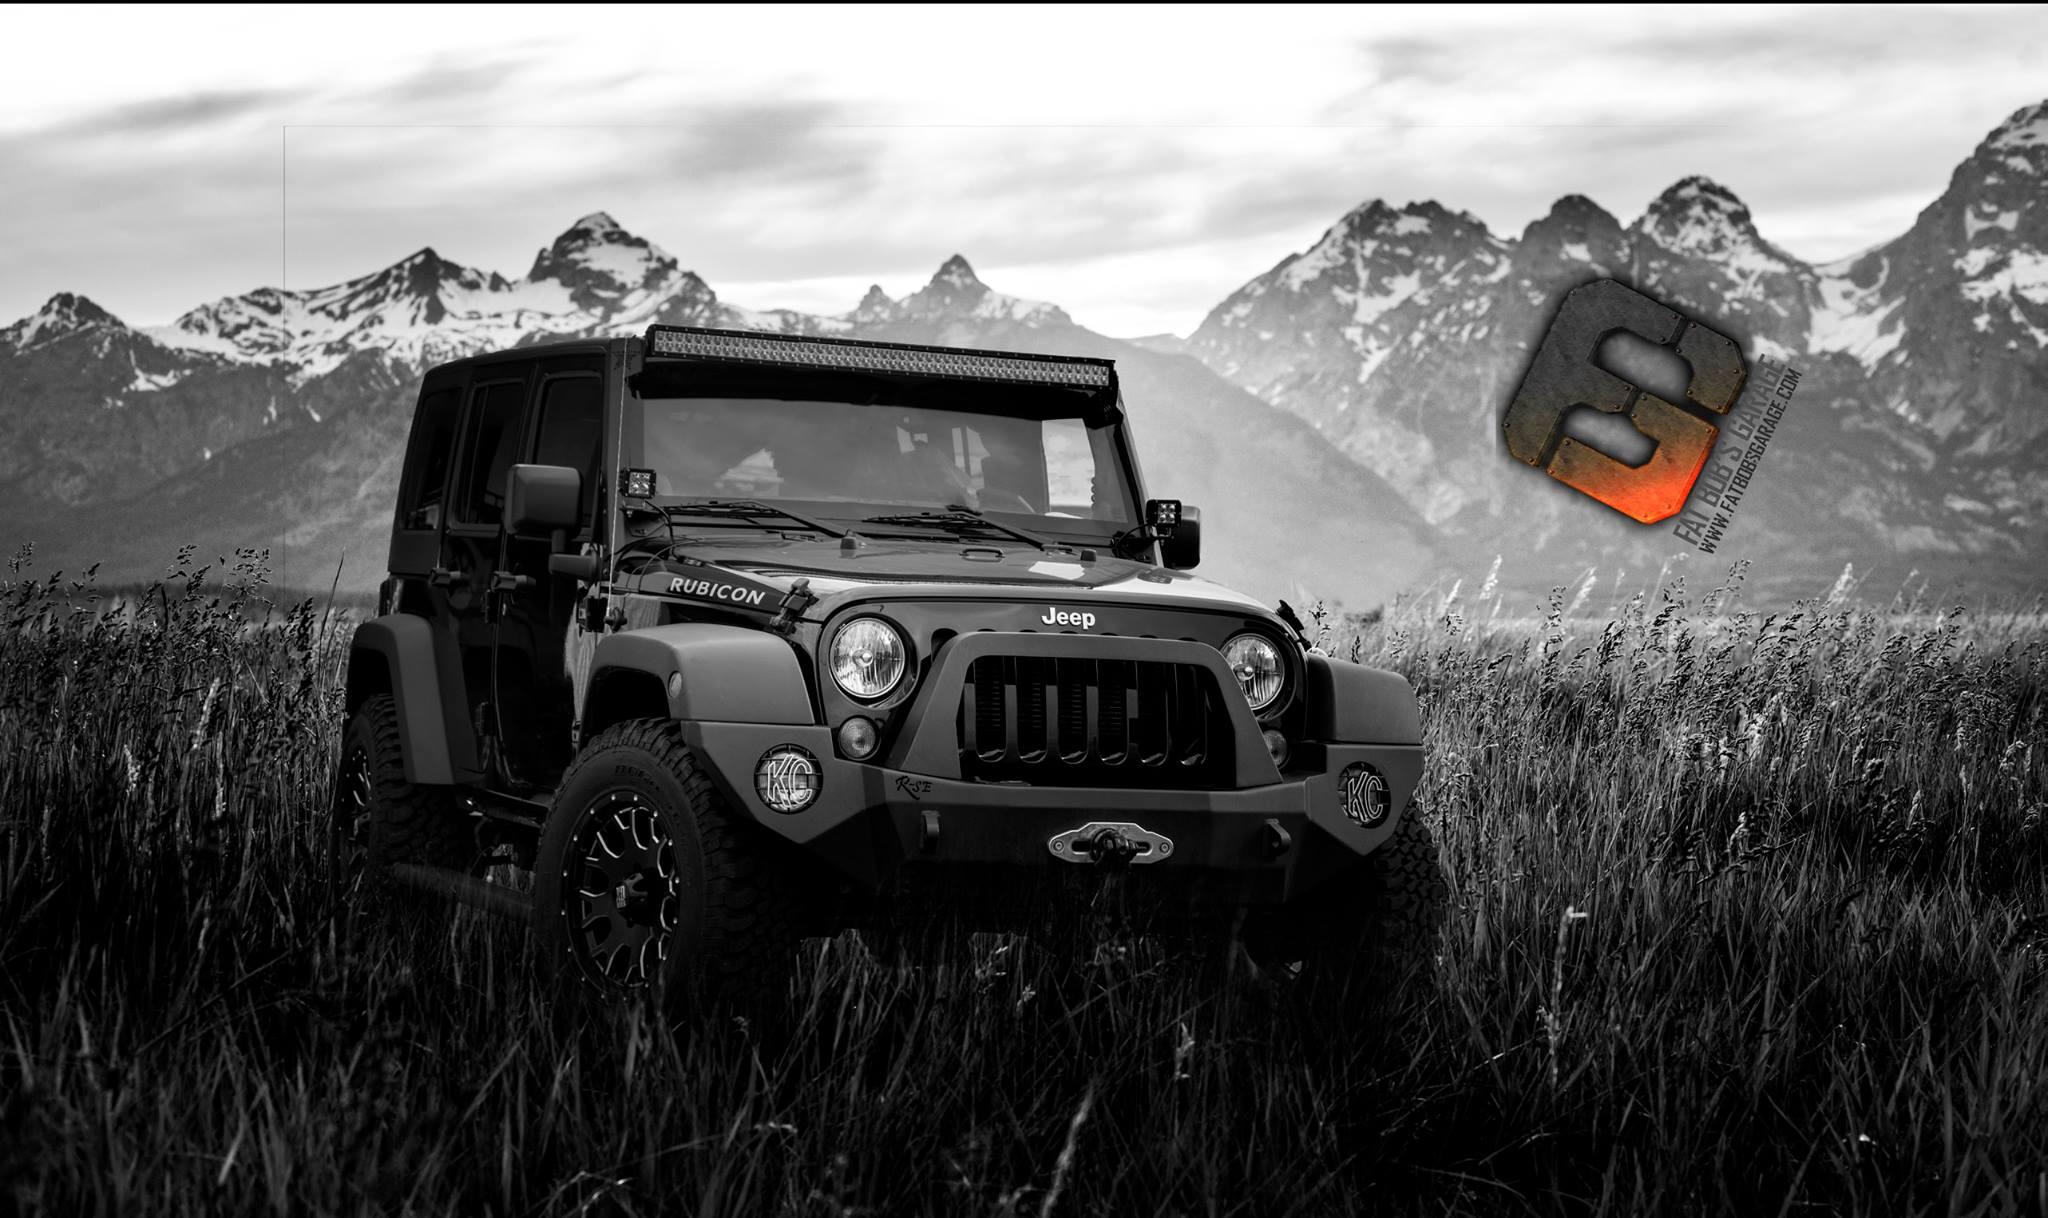 Rubicon Jeep